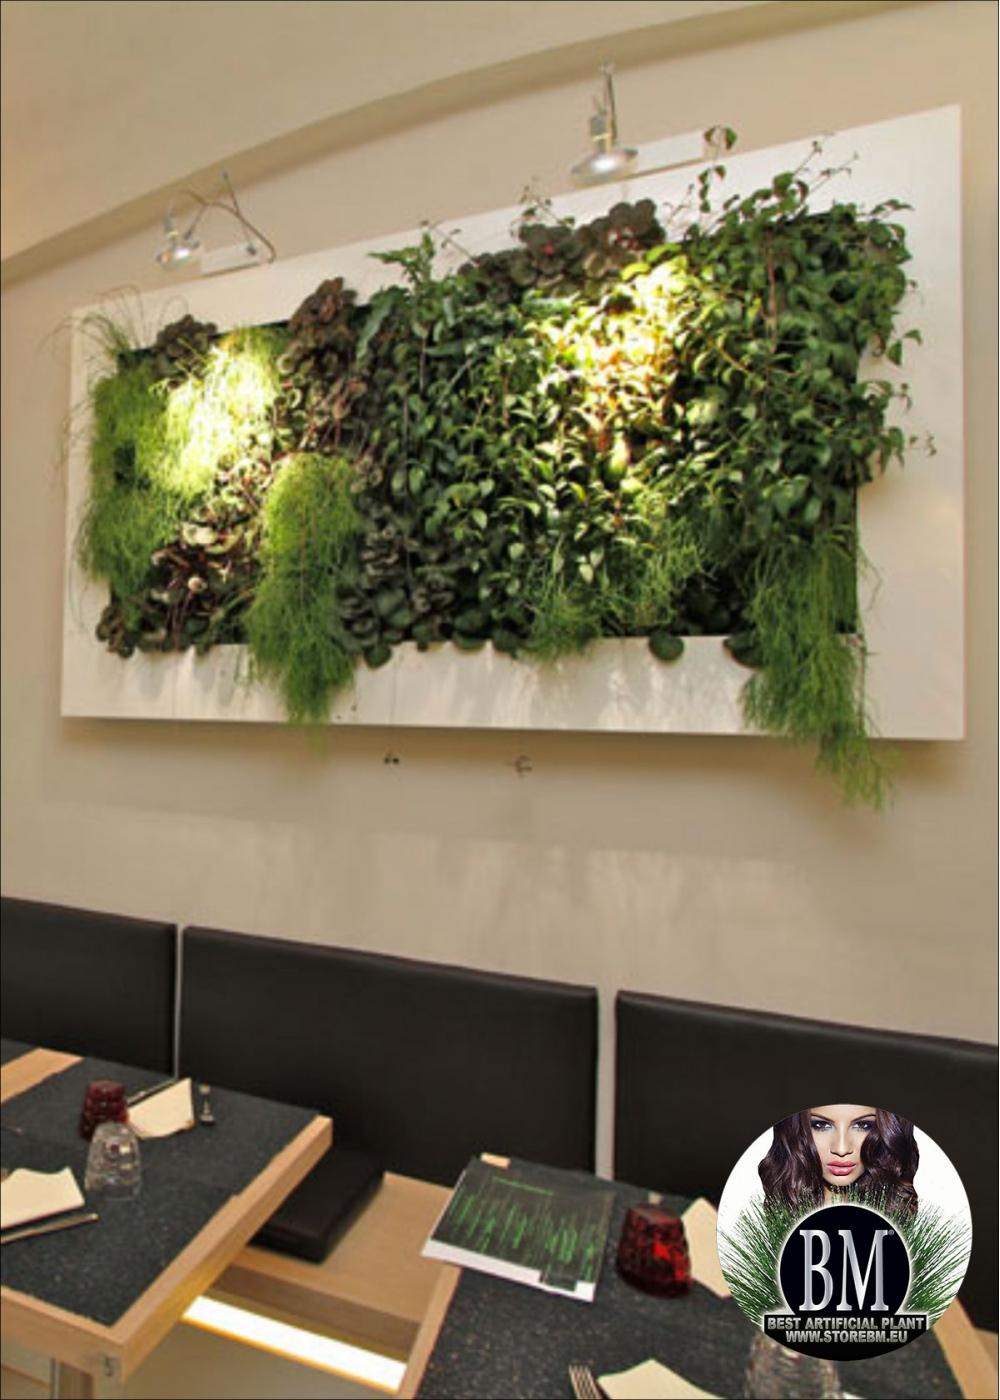 Quadro giardino verticale artificiale 170x80cm mod b for Giardino artificiale